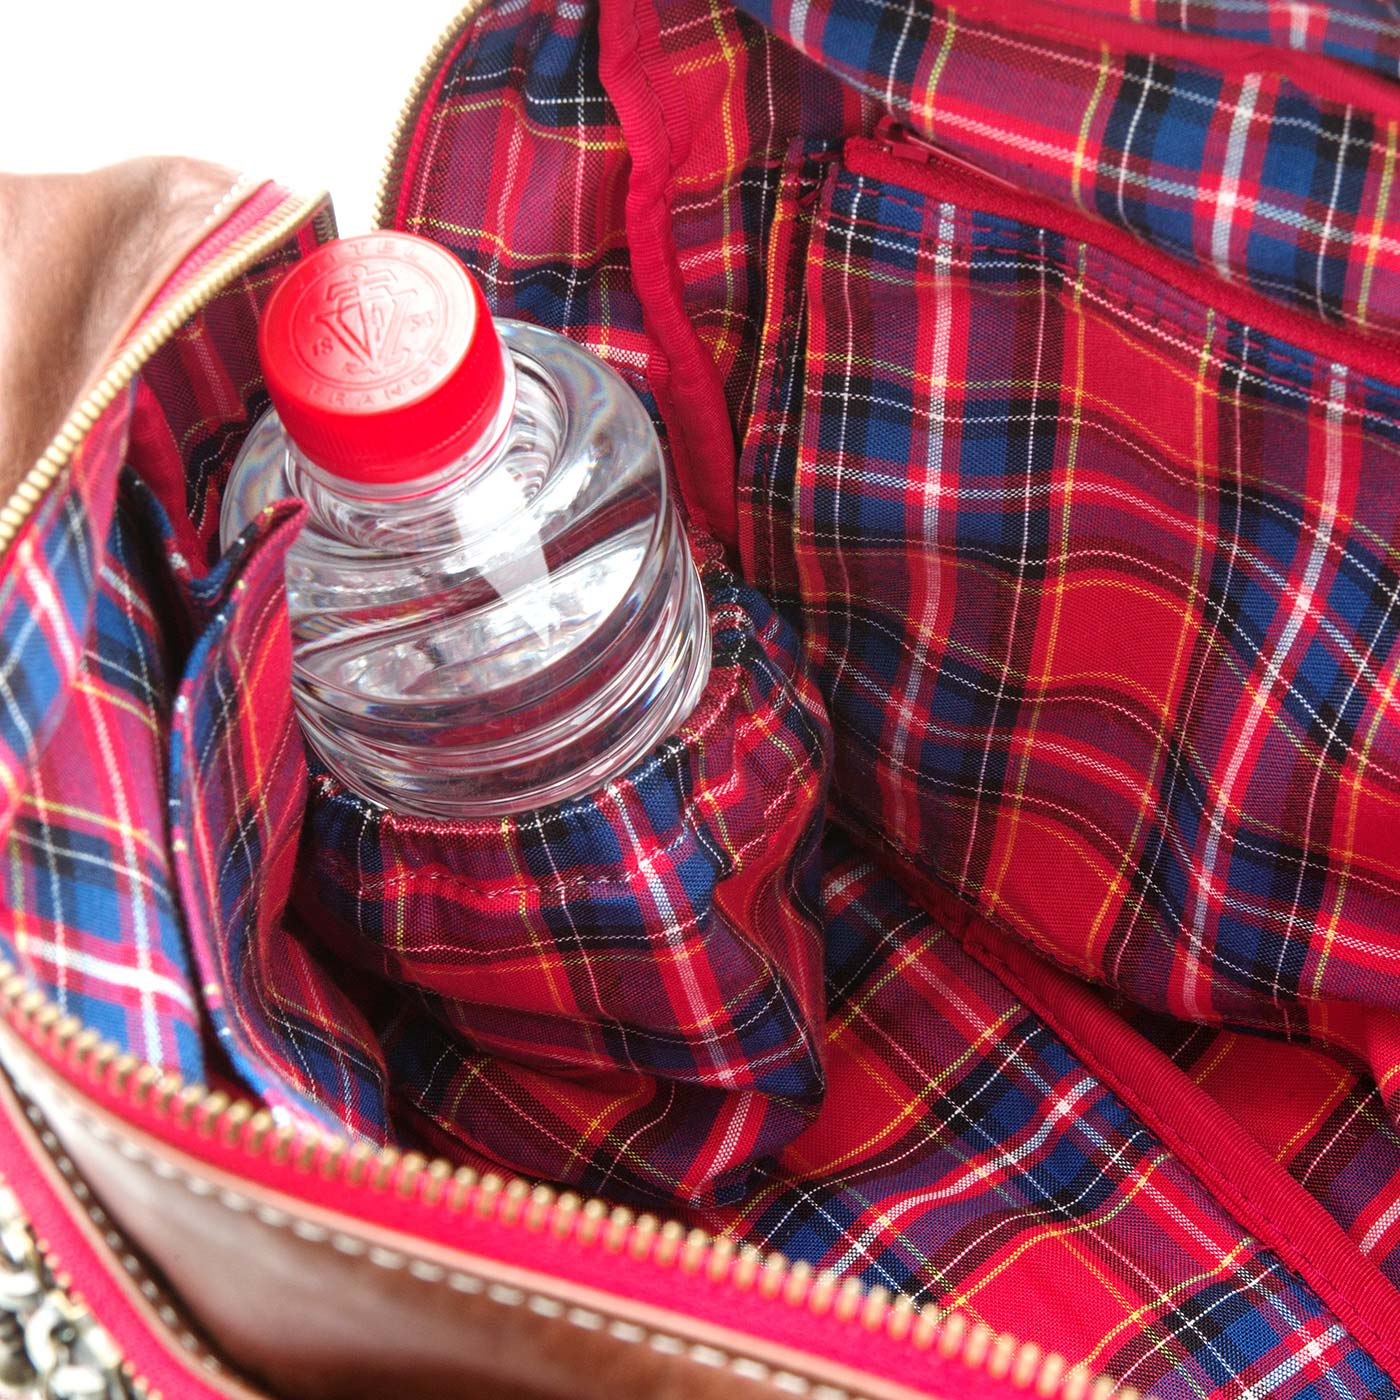 鞄の中には内側がアルミシート仕様のペットボトルホルダー付き。